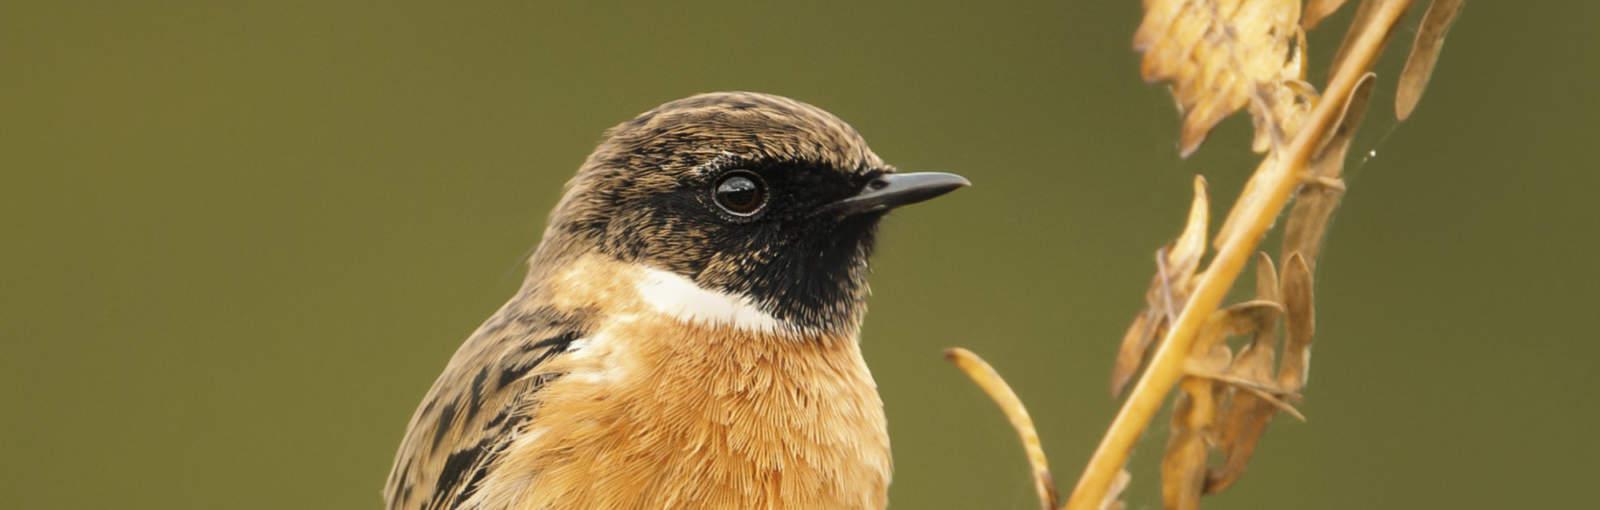 birds-chat